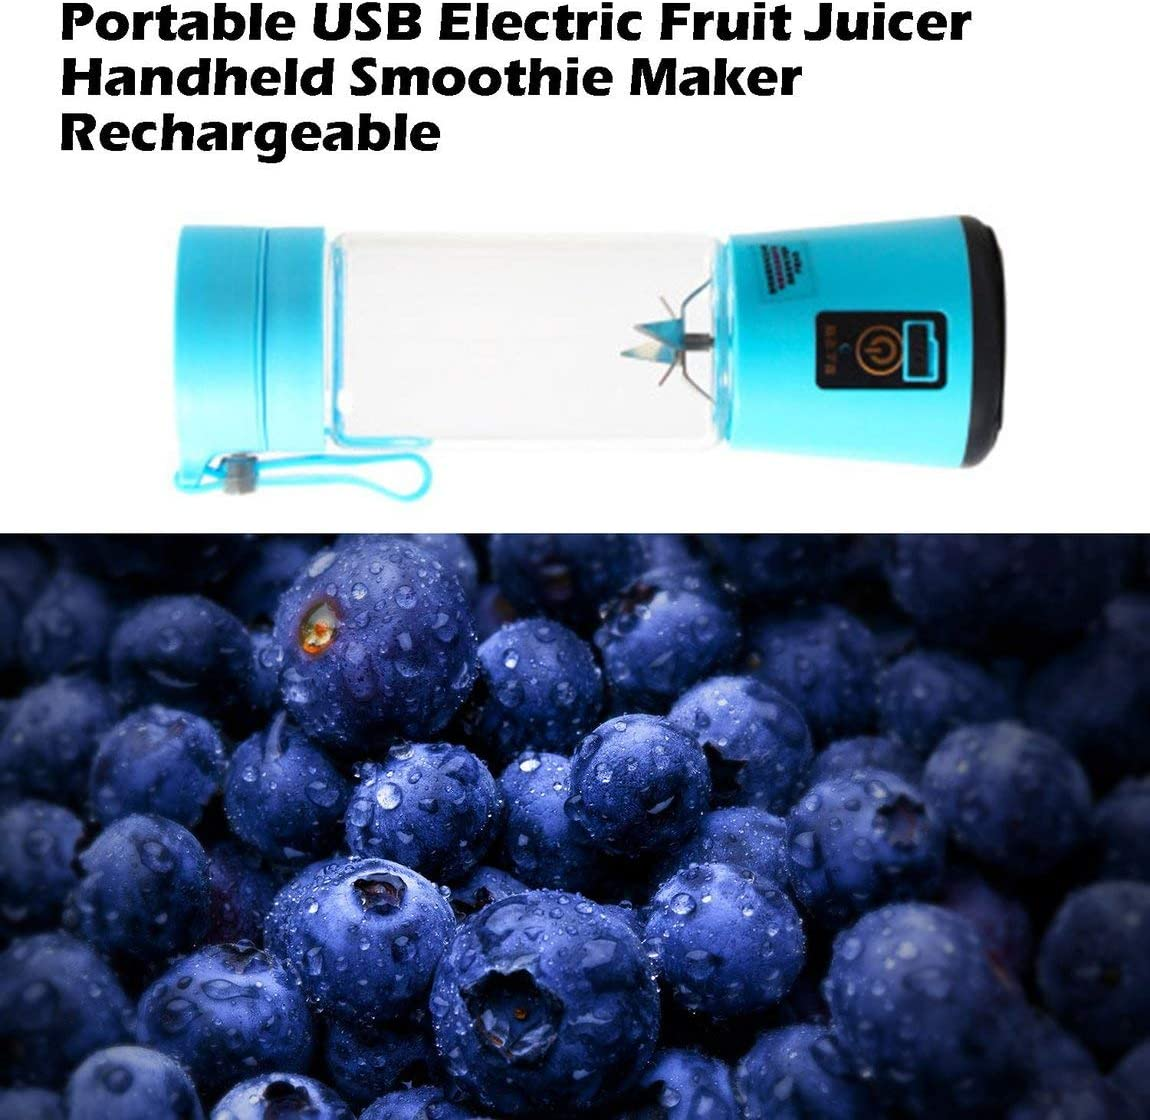 SeniorMar Tamaño portátil USB Exprimidor de Frutas eléctrico Batidora de Mano Licuadora Recargable Mini Taza de Jugo portátil Agua Azul